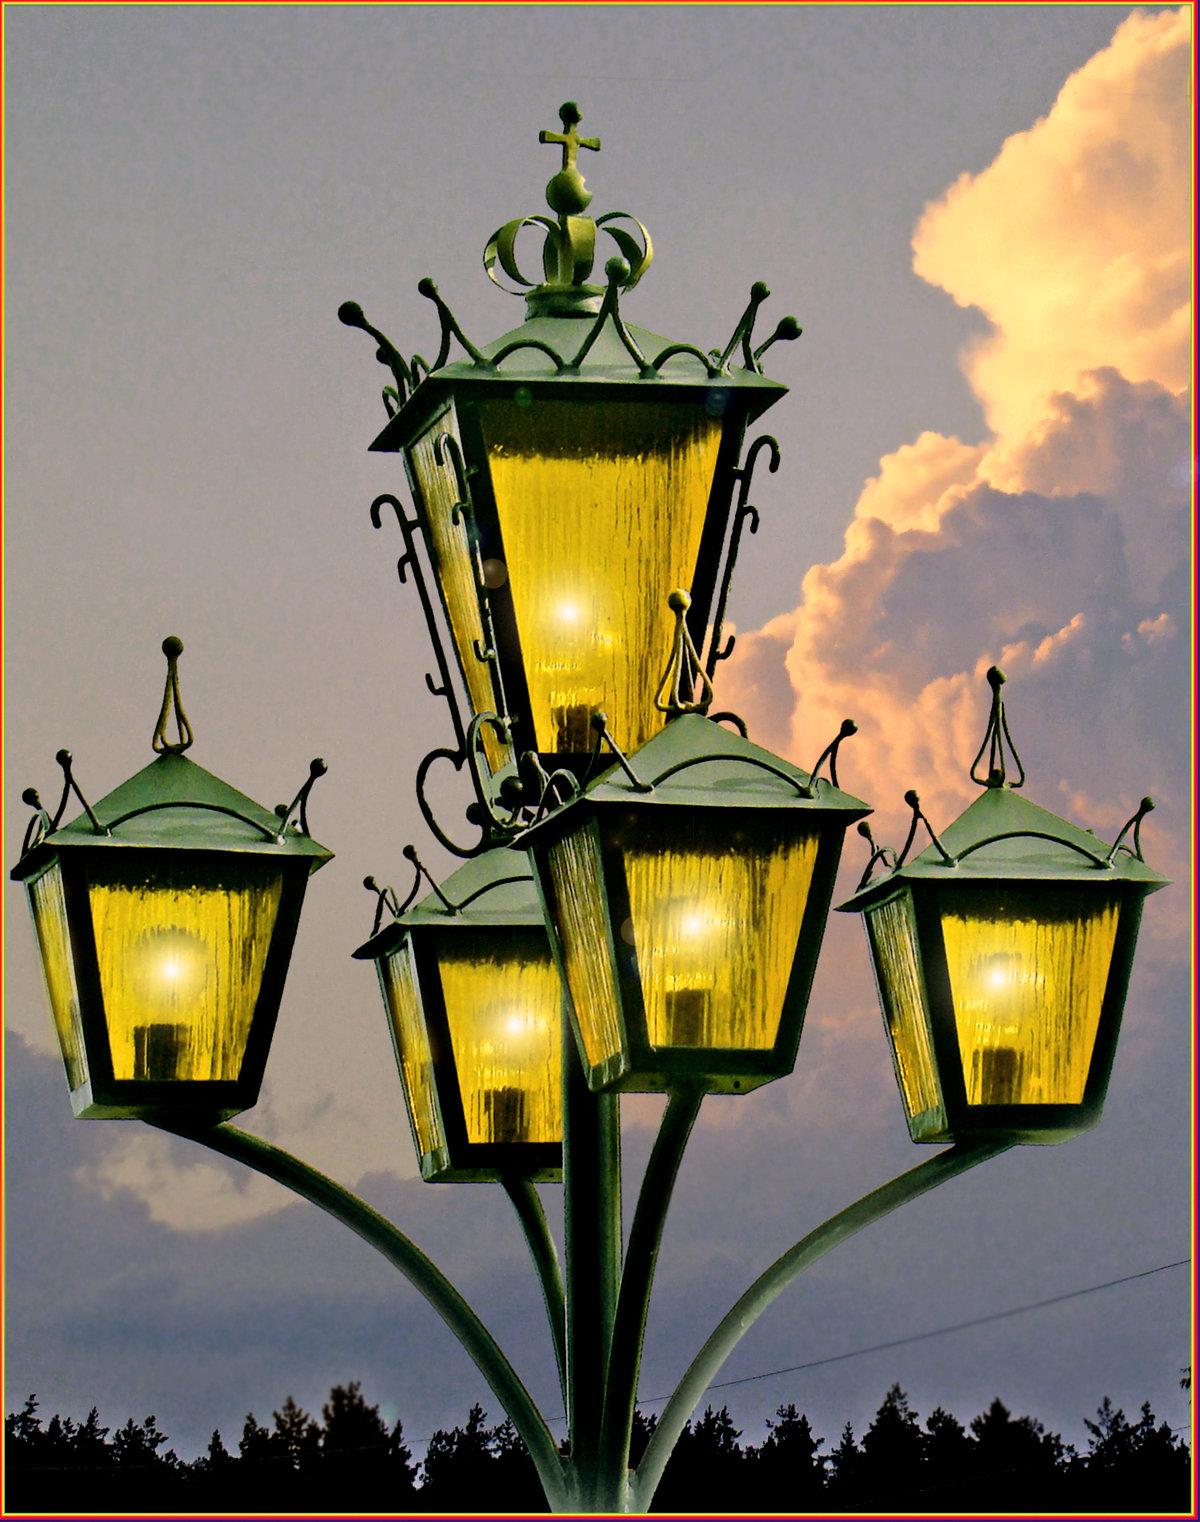 красивые картинки с цветным фонарем когда